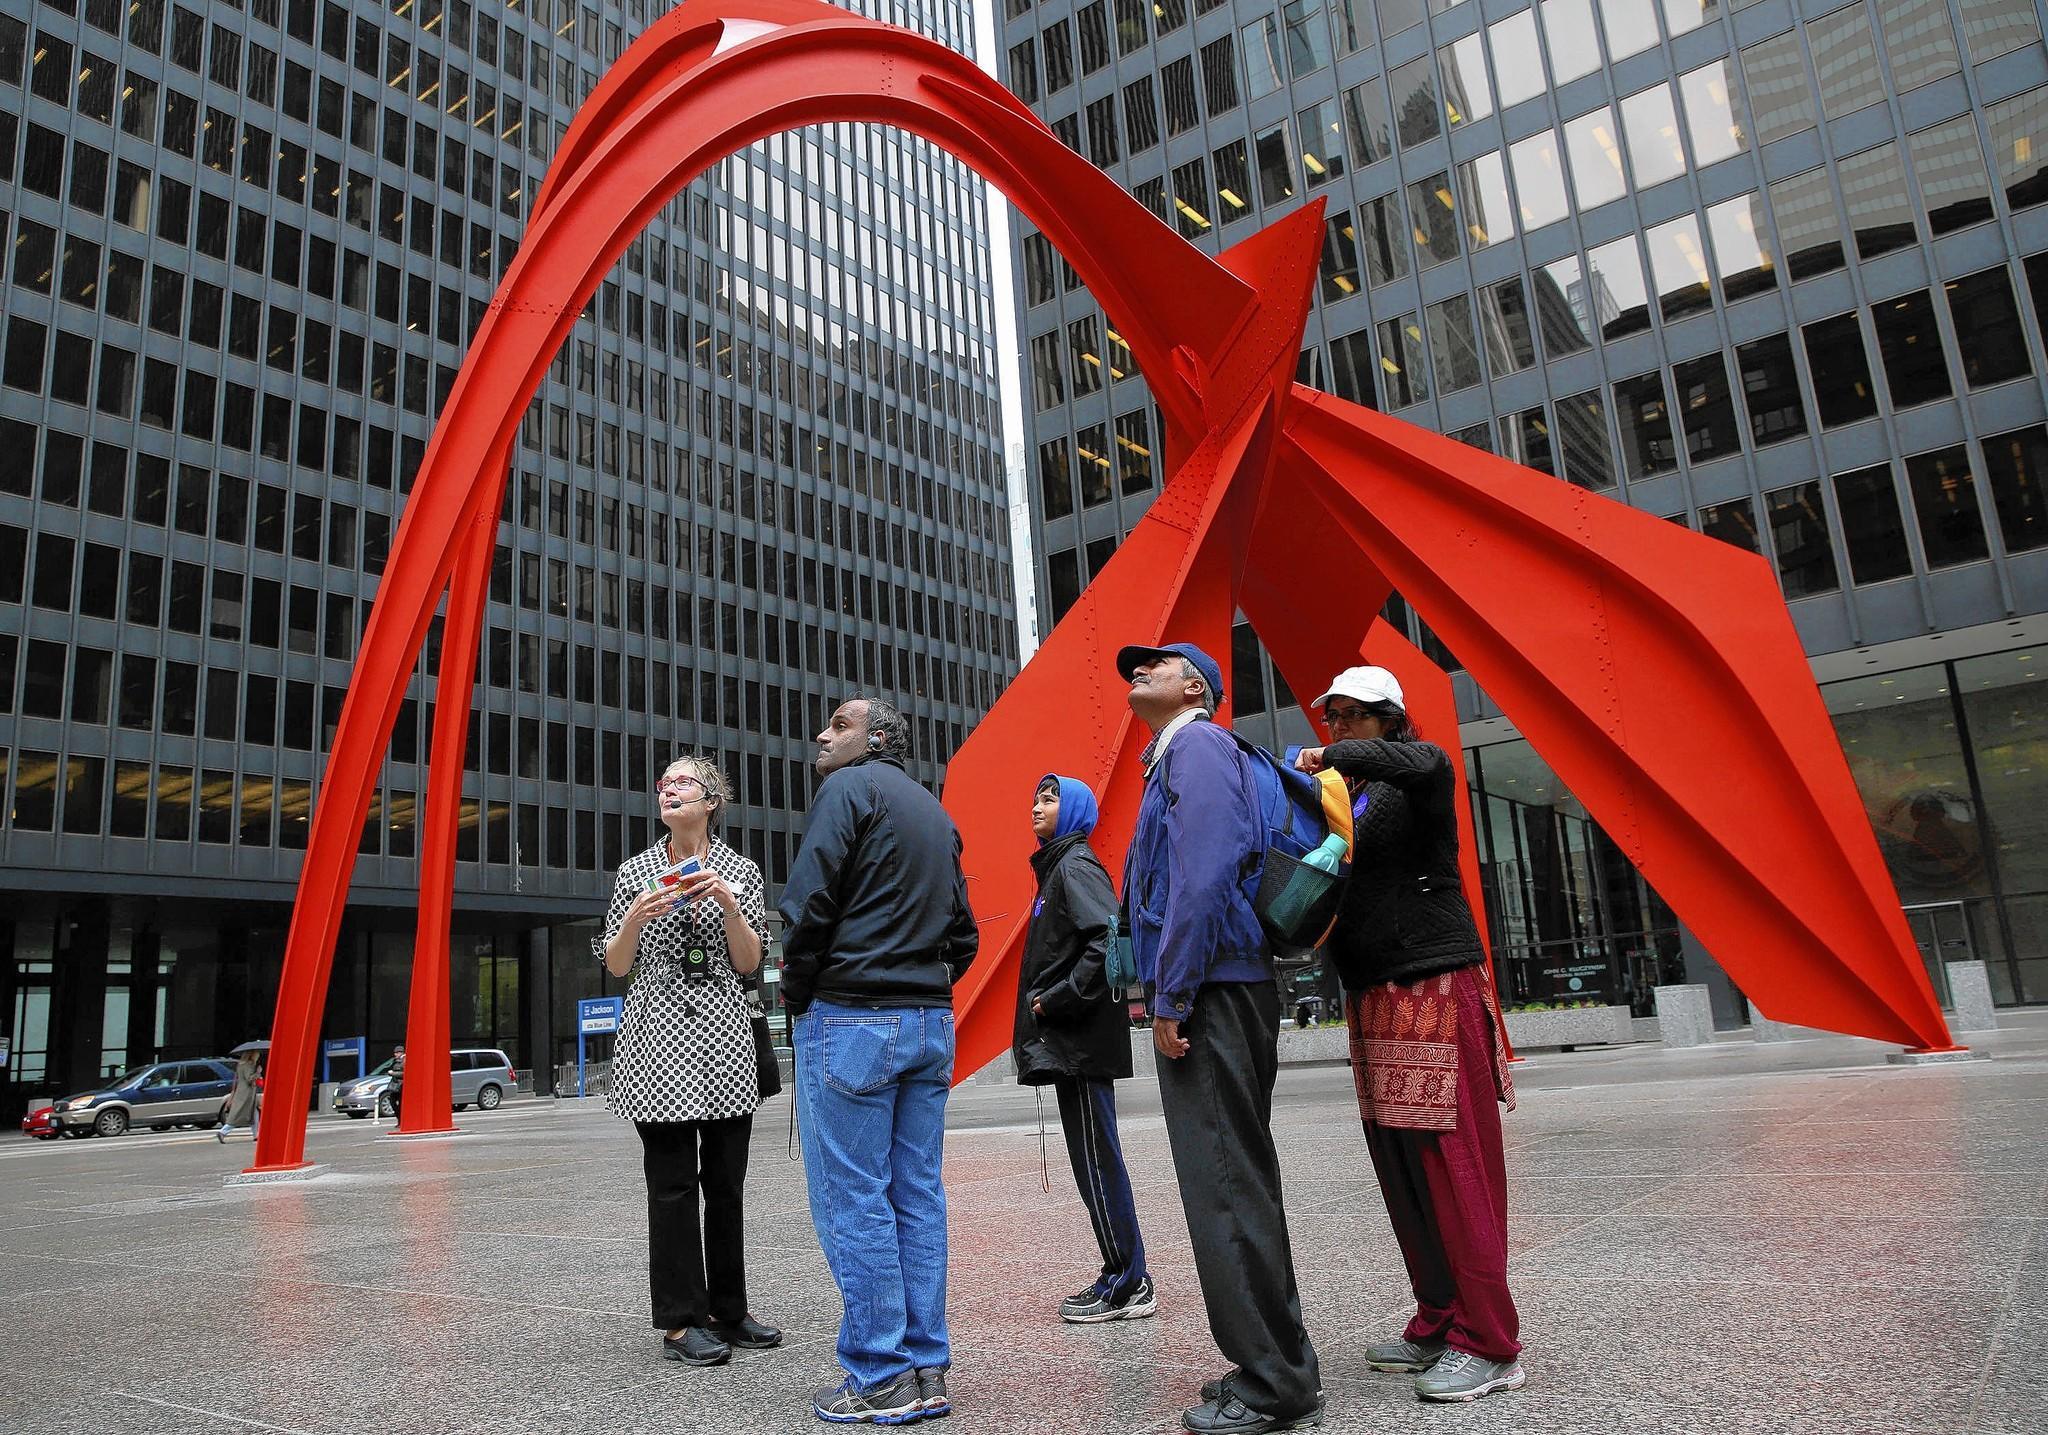 Guide to walking tours in Chicago Evanston tribunedigital